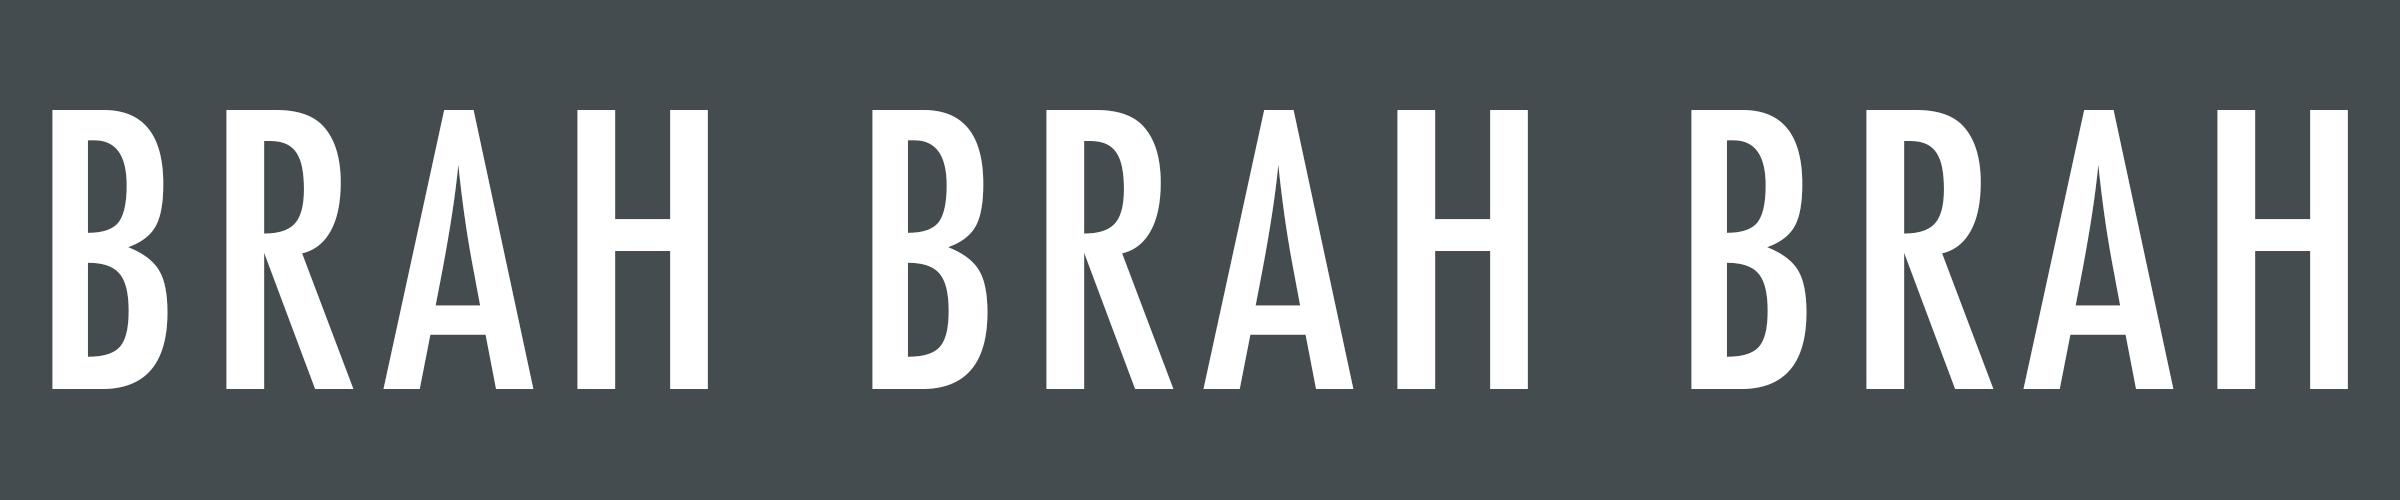 BRAH BRAH BRAH